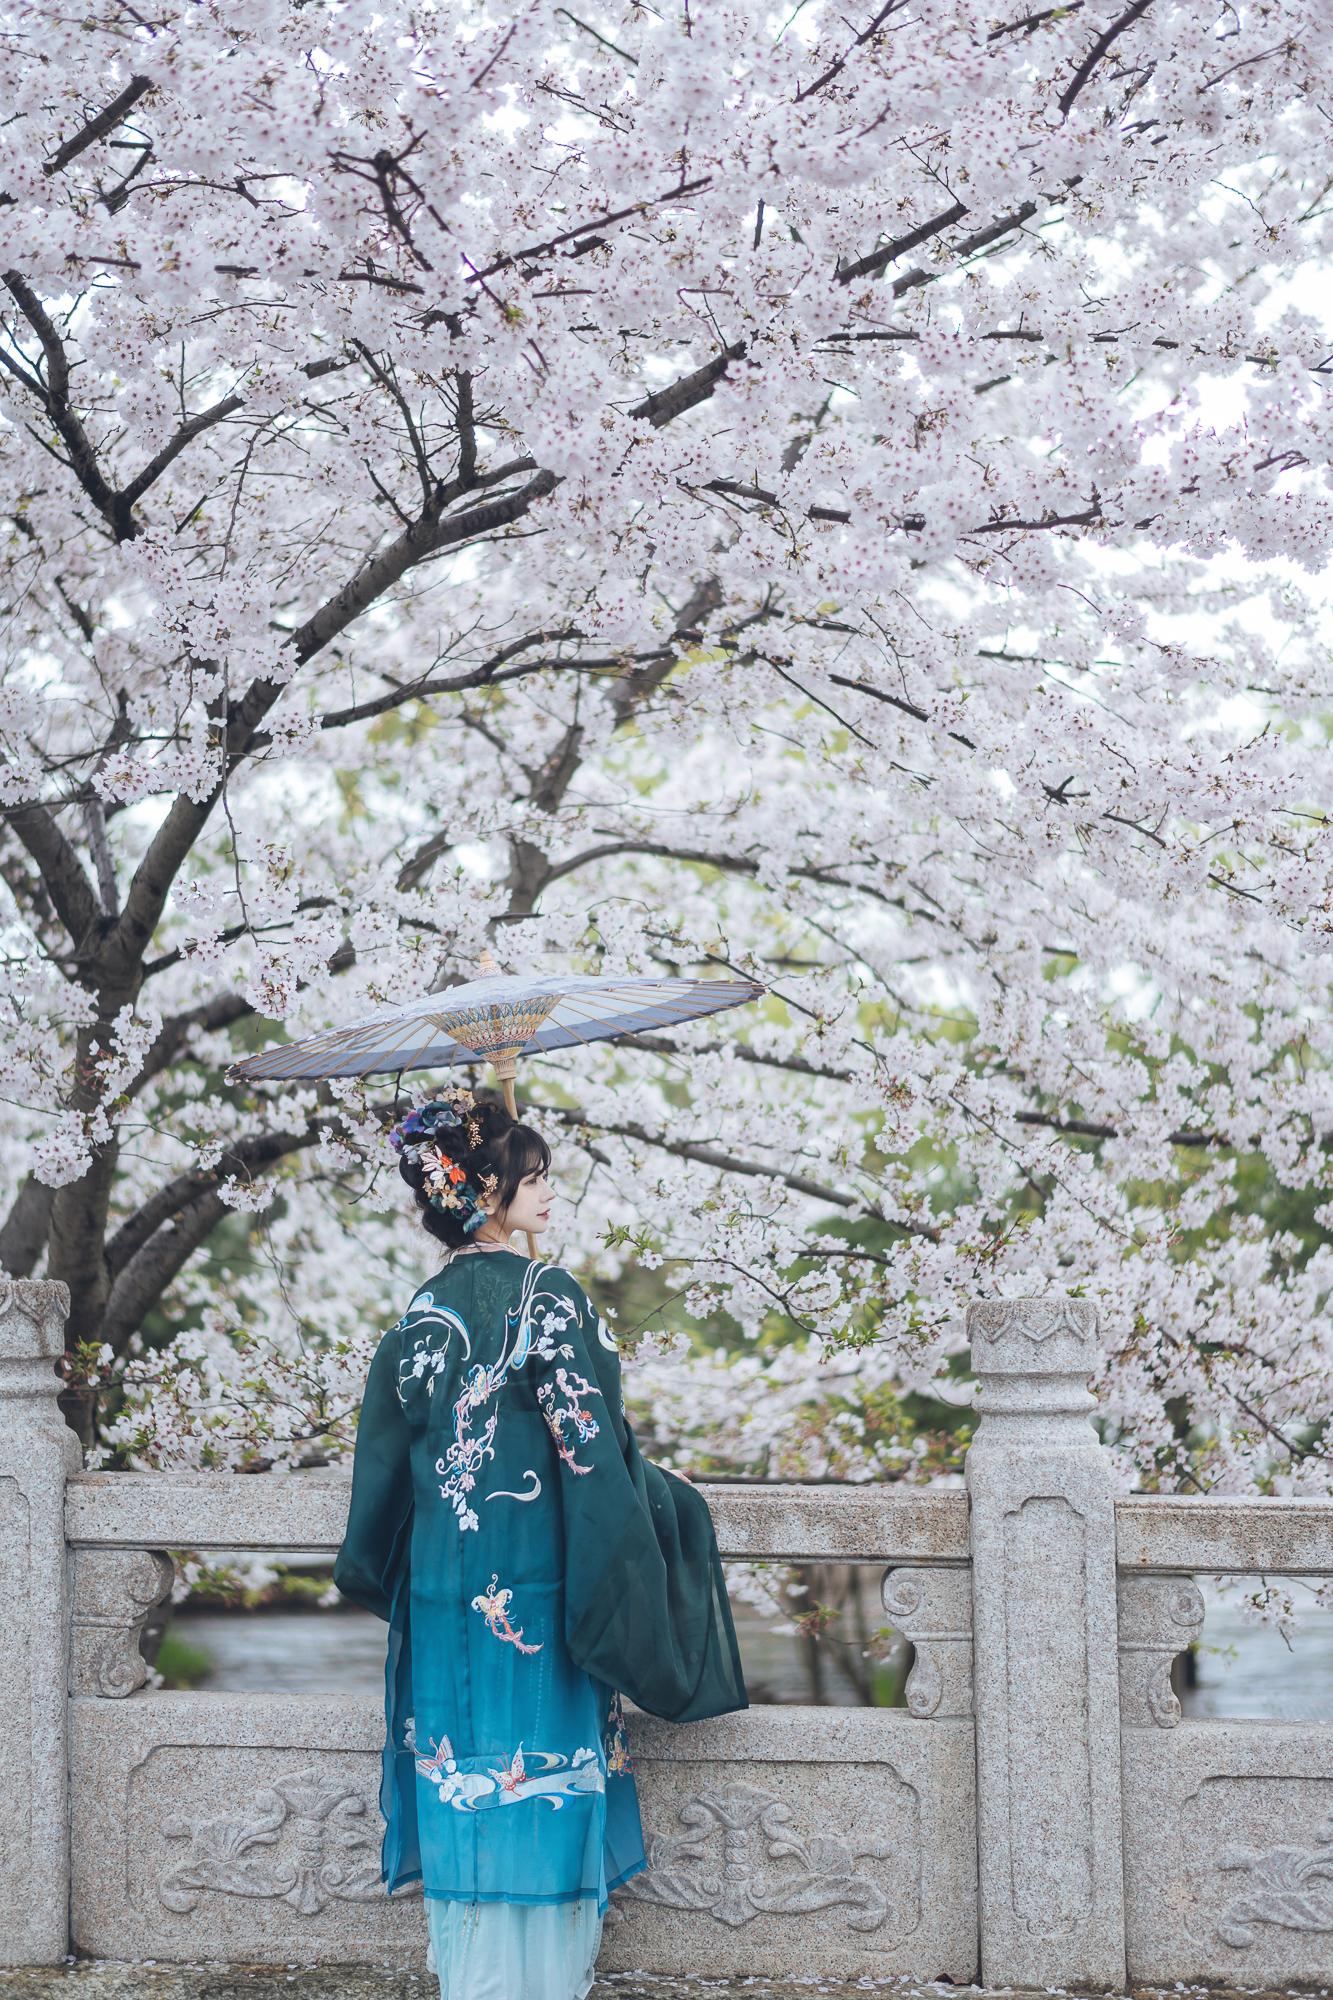 春花集 III 拍着拍着下起了雨插图(8)